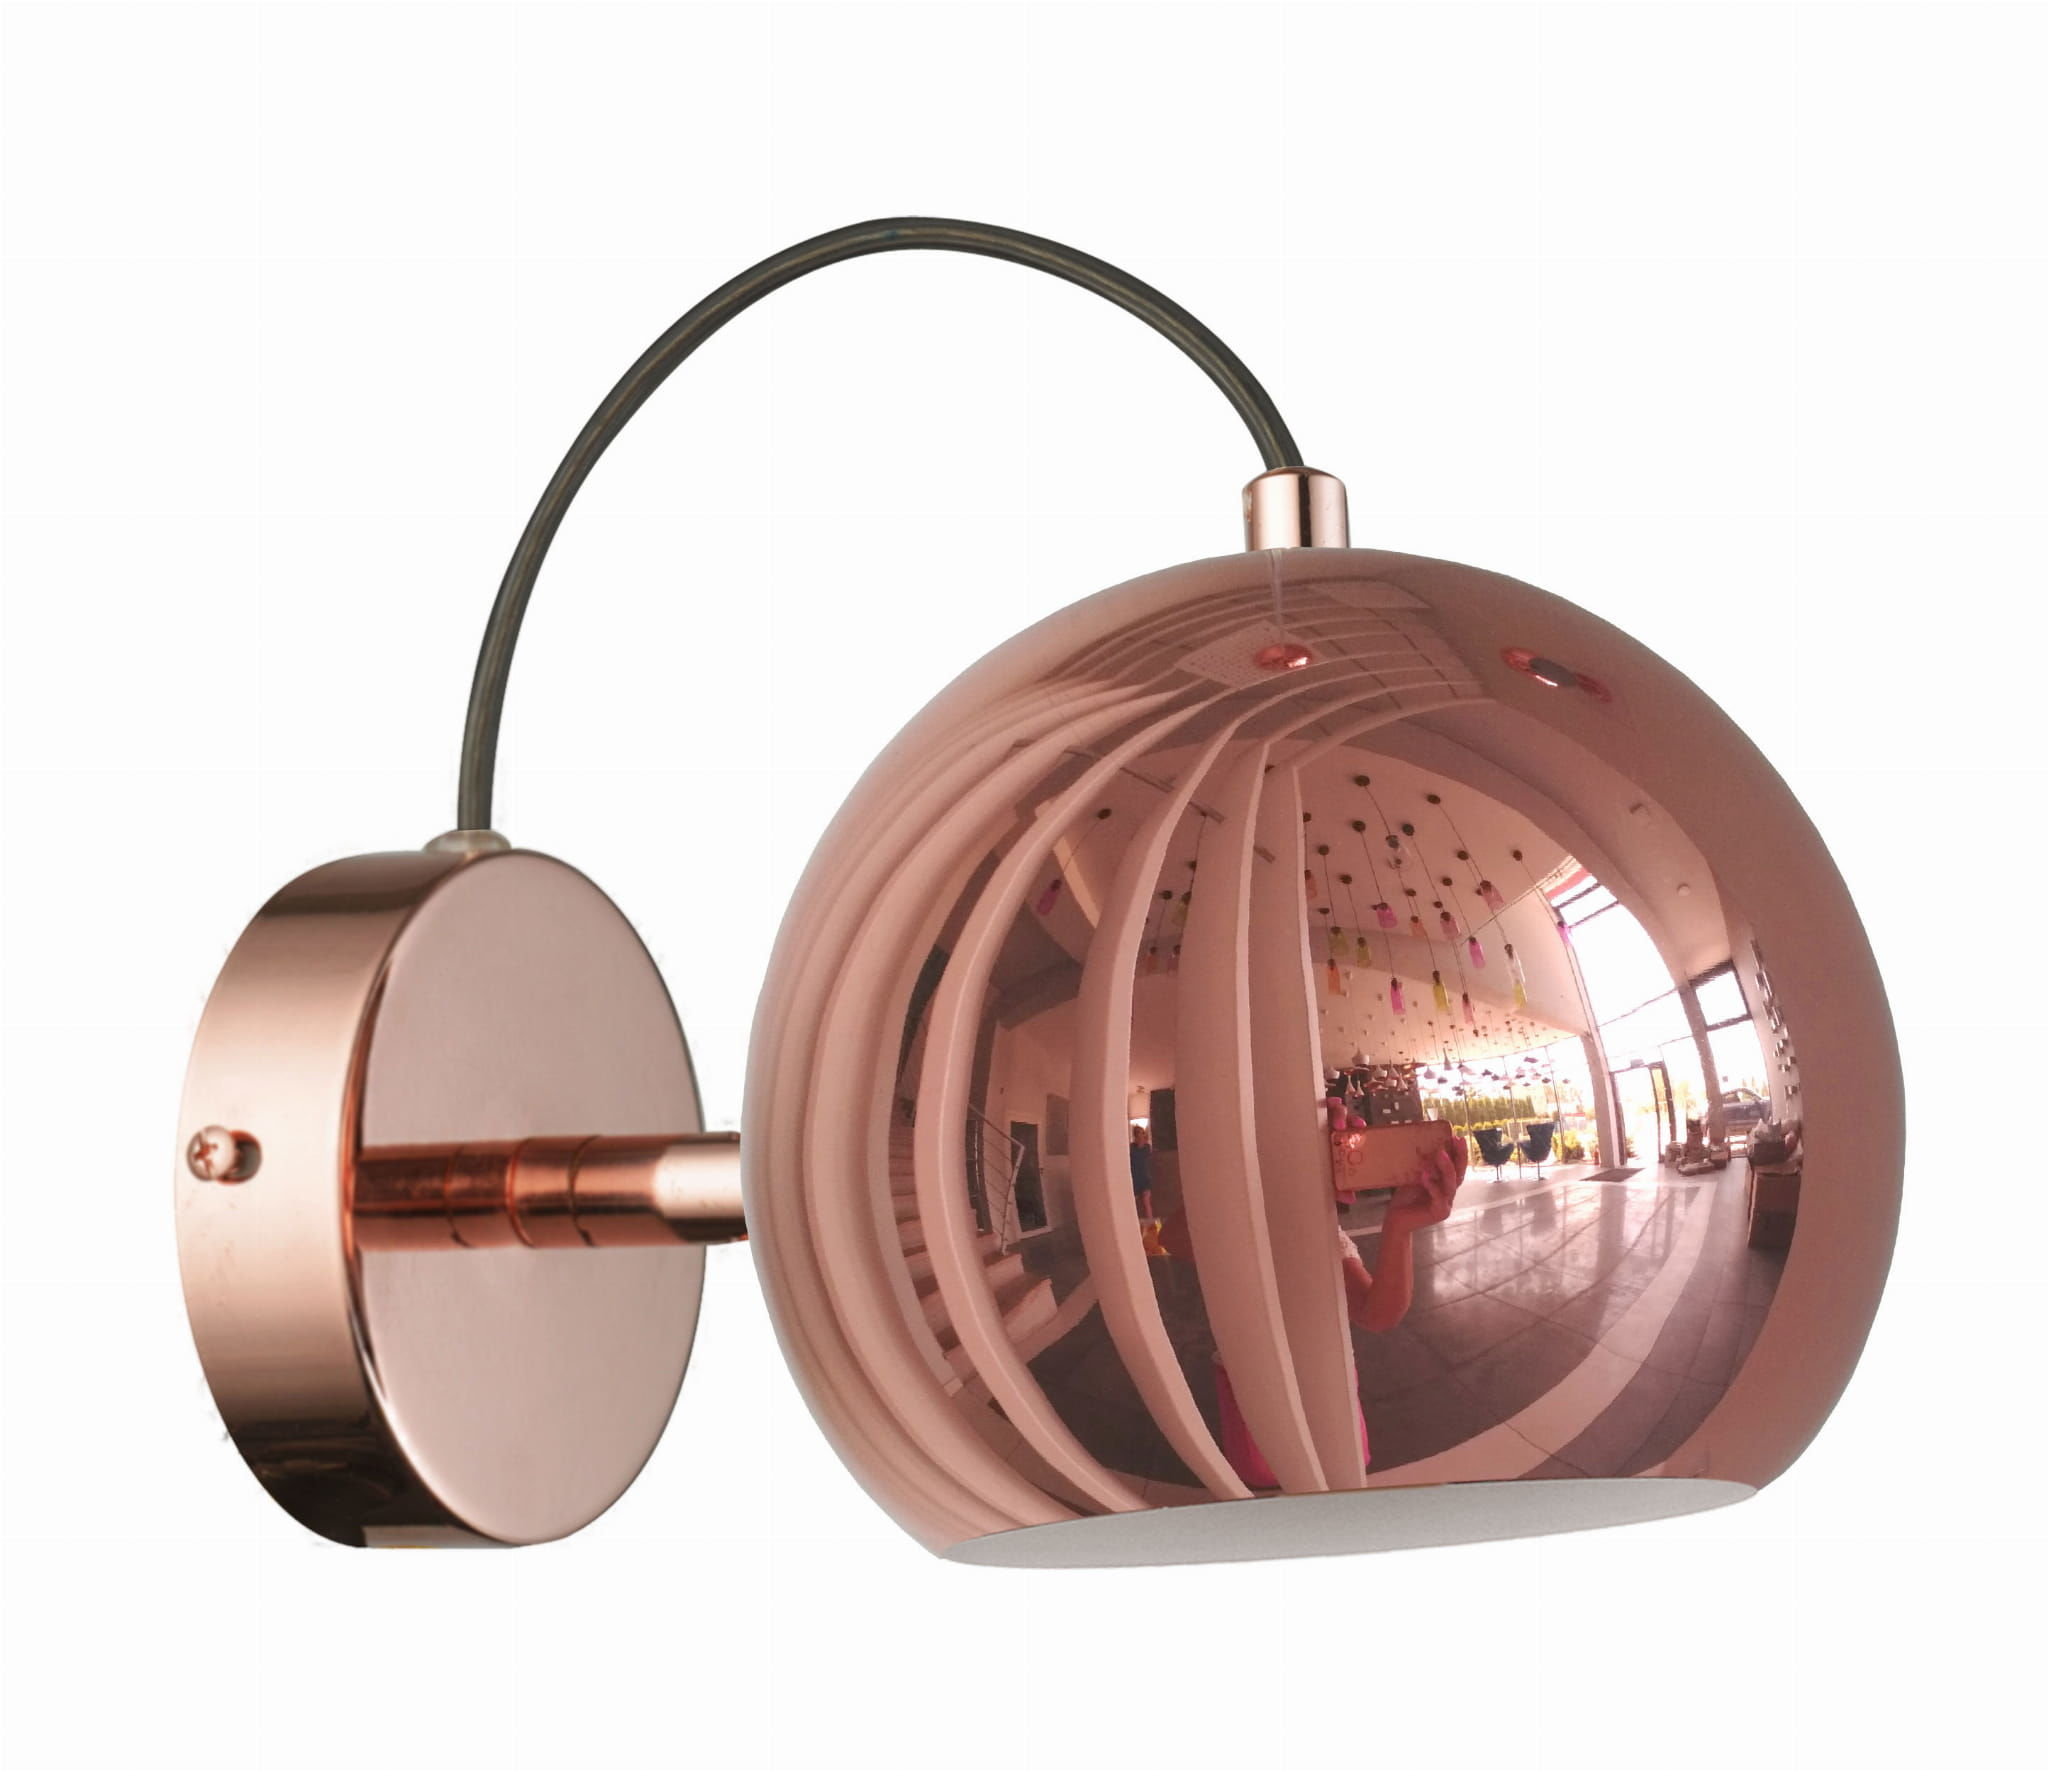 Light Prestige Rame LP-2014/1W kinkiet lampa ścienna metalowa miedziana loftowa 1x40W E14 14cm